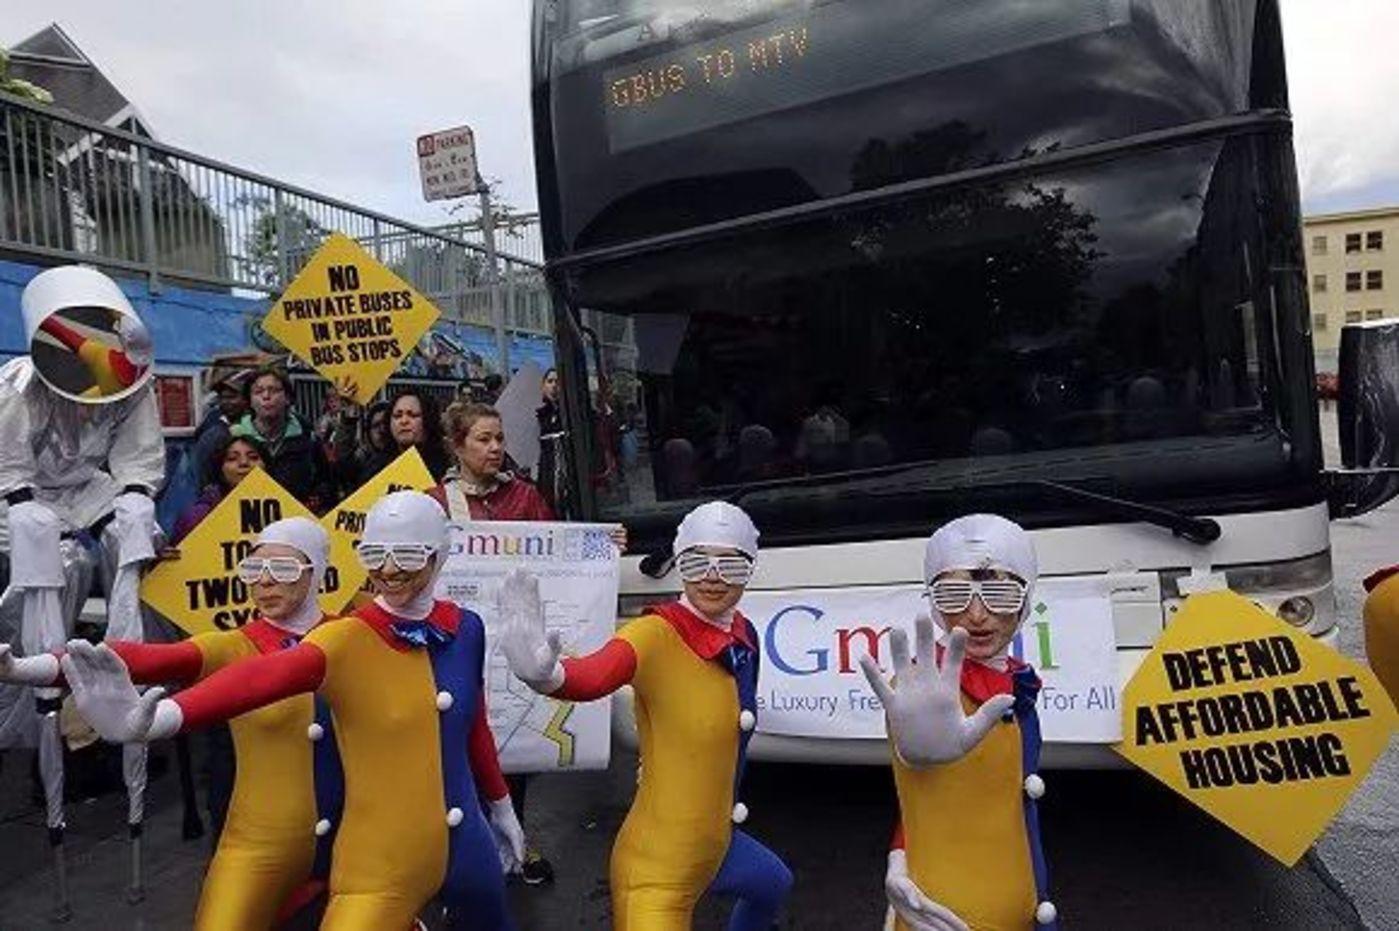 2014年4月,旧金山示威者穿着卡通外套挡住谷歌通勤车。民众认为高级技术员工的进入会推高本地生活成本。来源:视觉中国